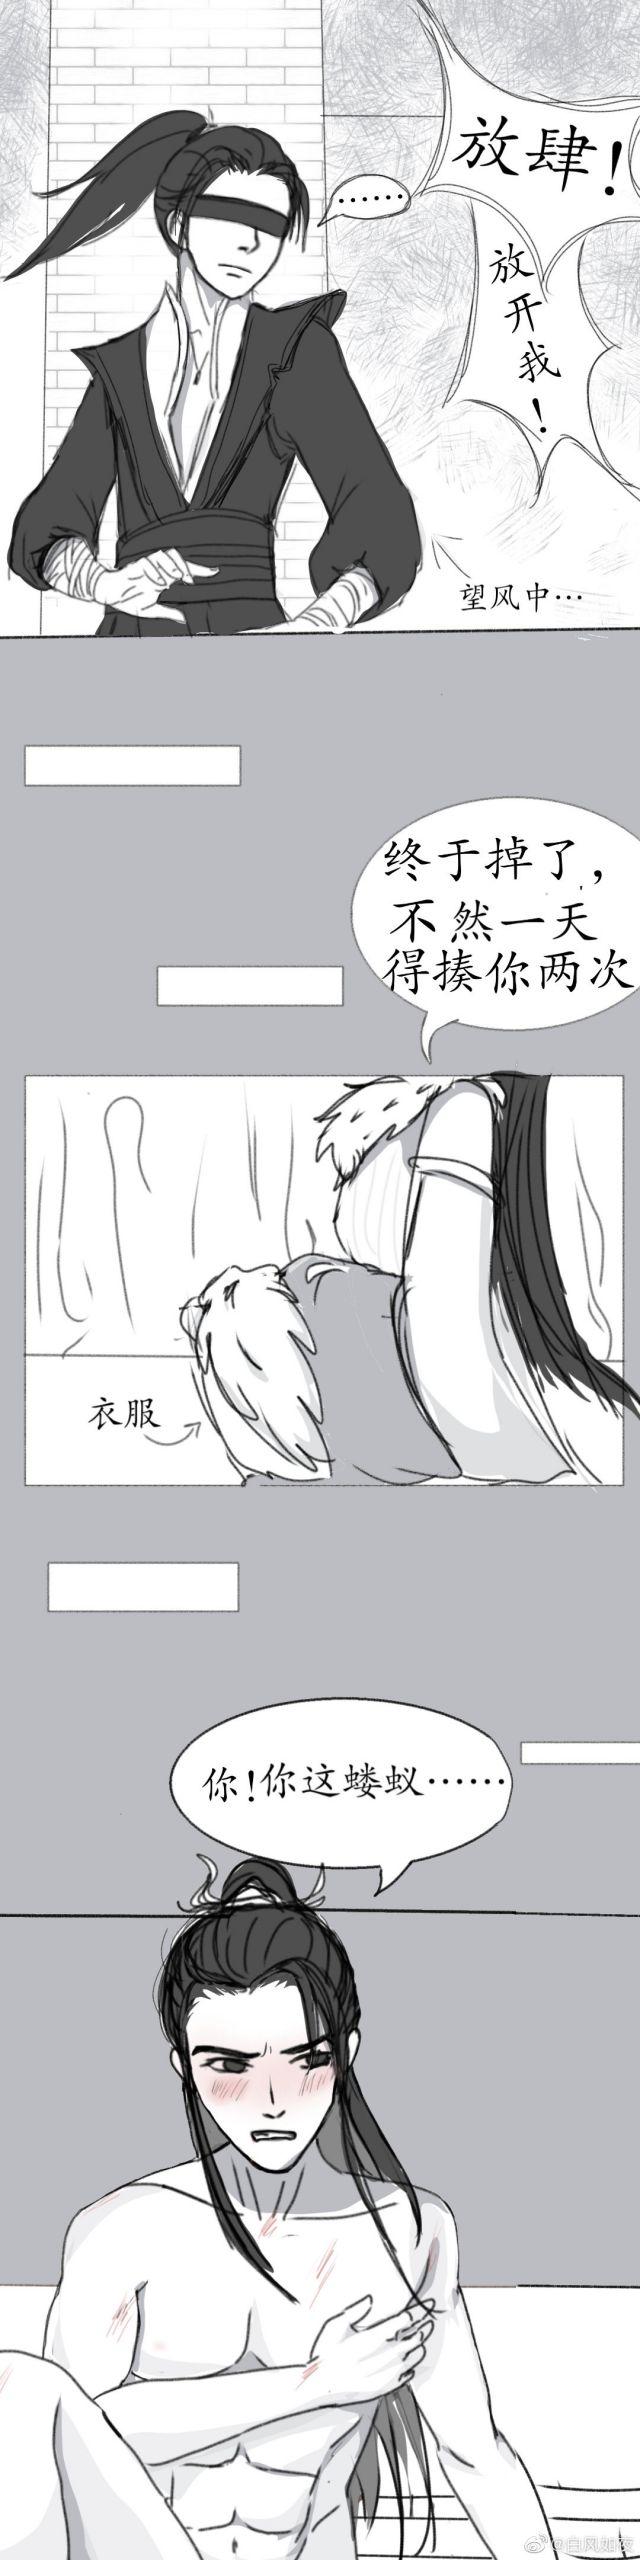 血衣楼惨案3.jpg